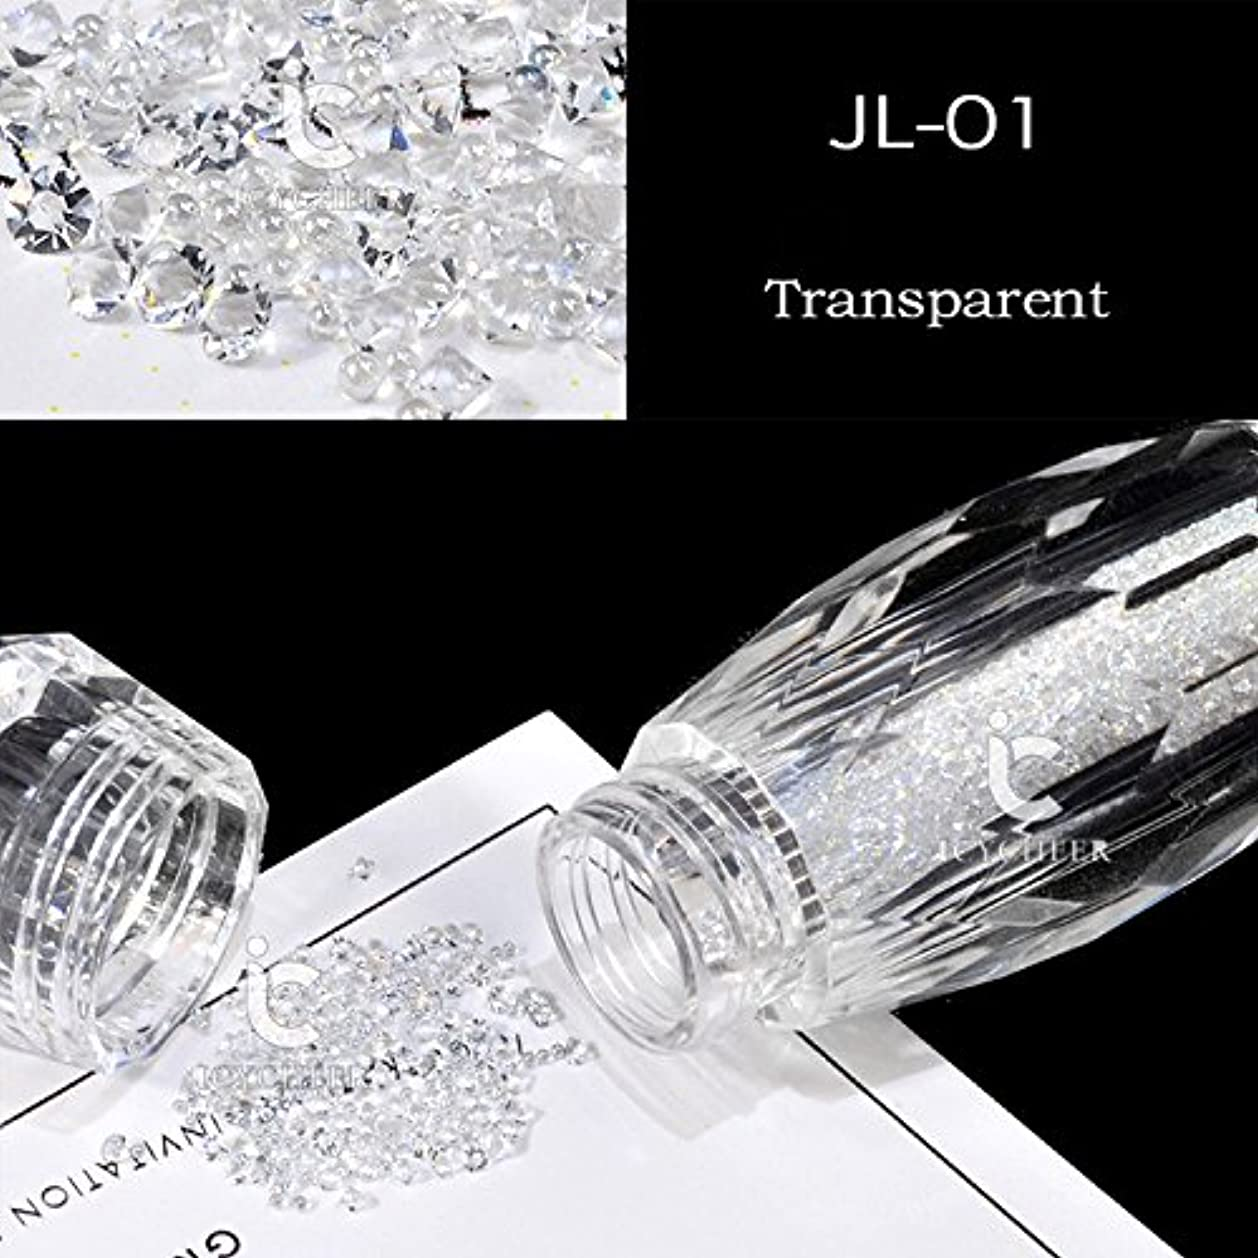 周術期腹ブラジャーICYCHEERネイルグリッターABクリスタルガラスマイクロネイルアート眩しいキャビアビーズ3Dピクシーマーメイドネイルのヒントマニキュアデコレーション (JL01)